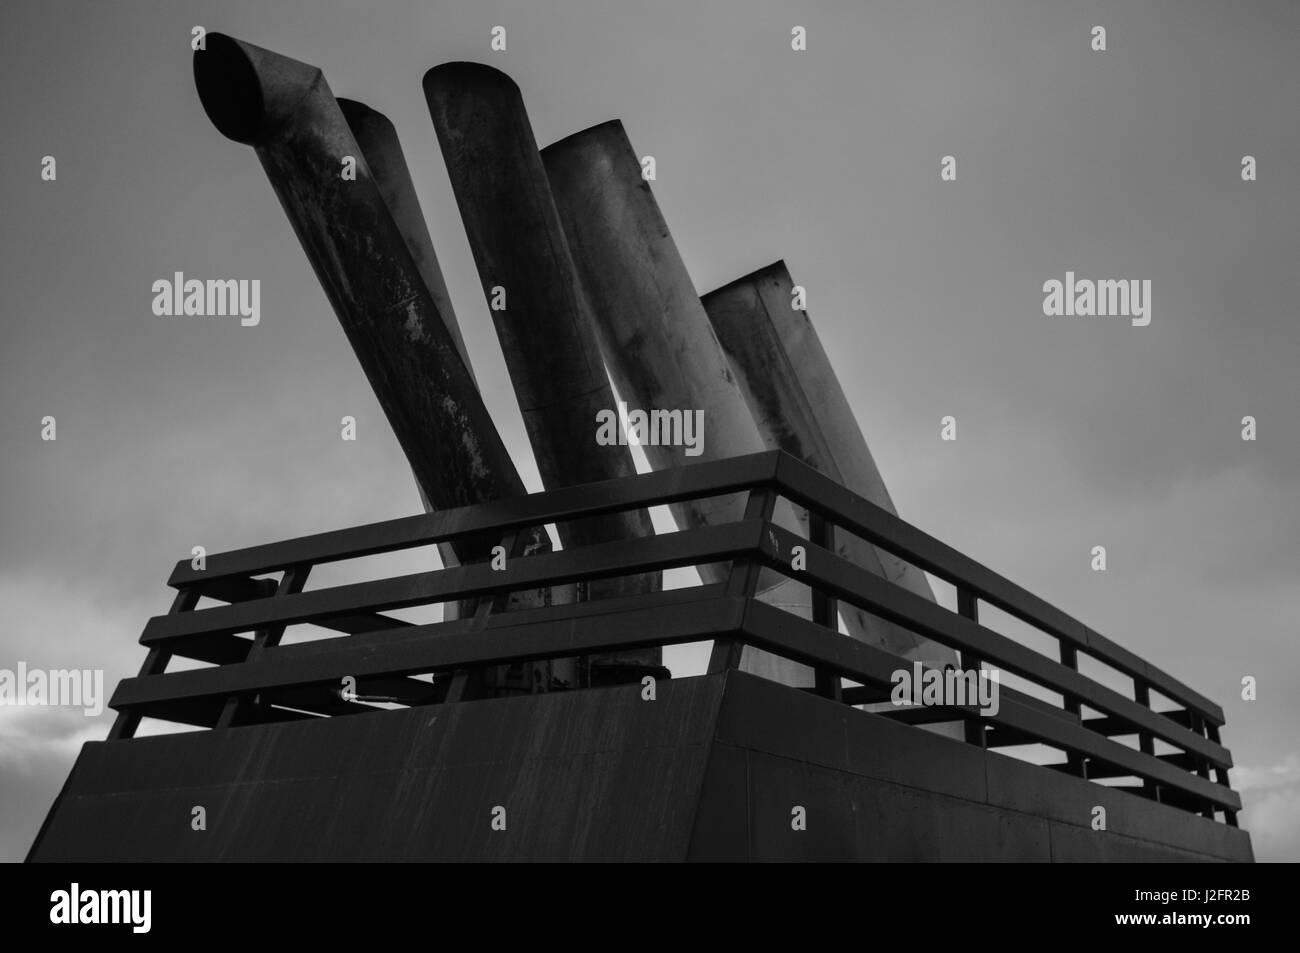 Scarico della nave sul traghetto alle Shetland. La grande fumi di scarico contribuisce all'inquinamento e danni Immagini Stock